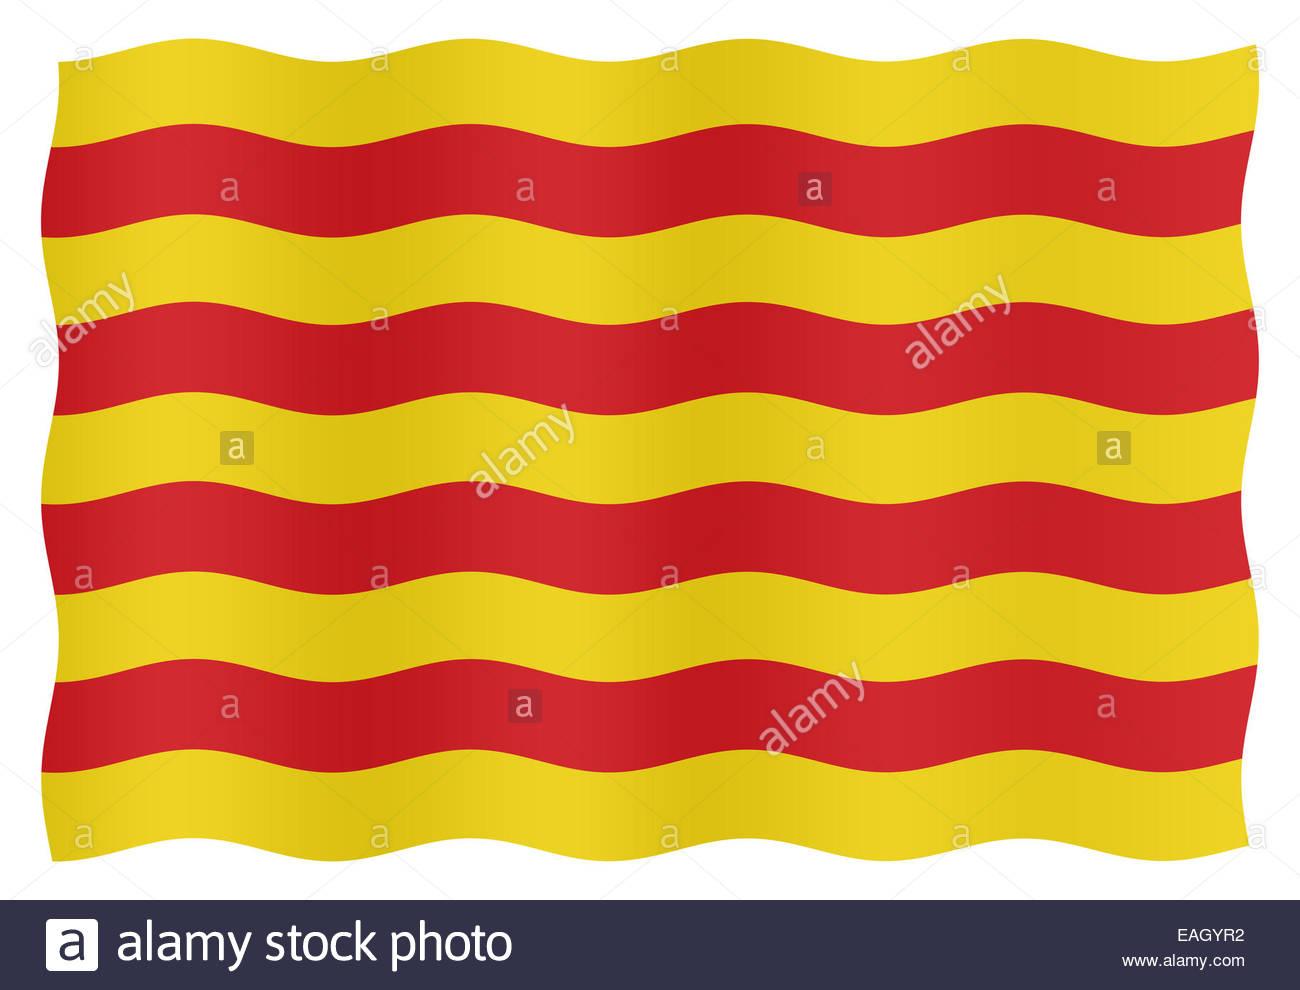 Catalan Flag Wallpaper Stock Photos Catalan Flag Wallpaper Stock 1300x990